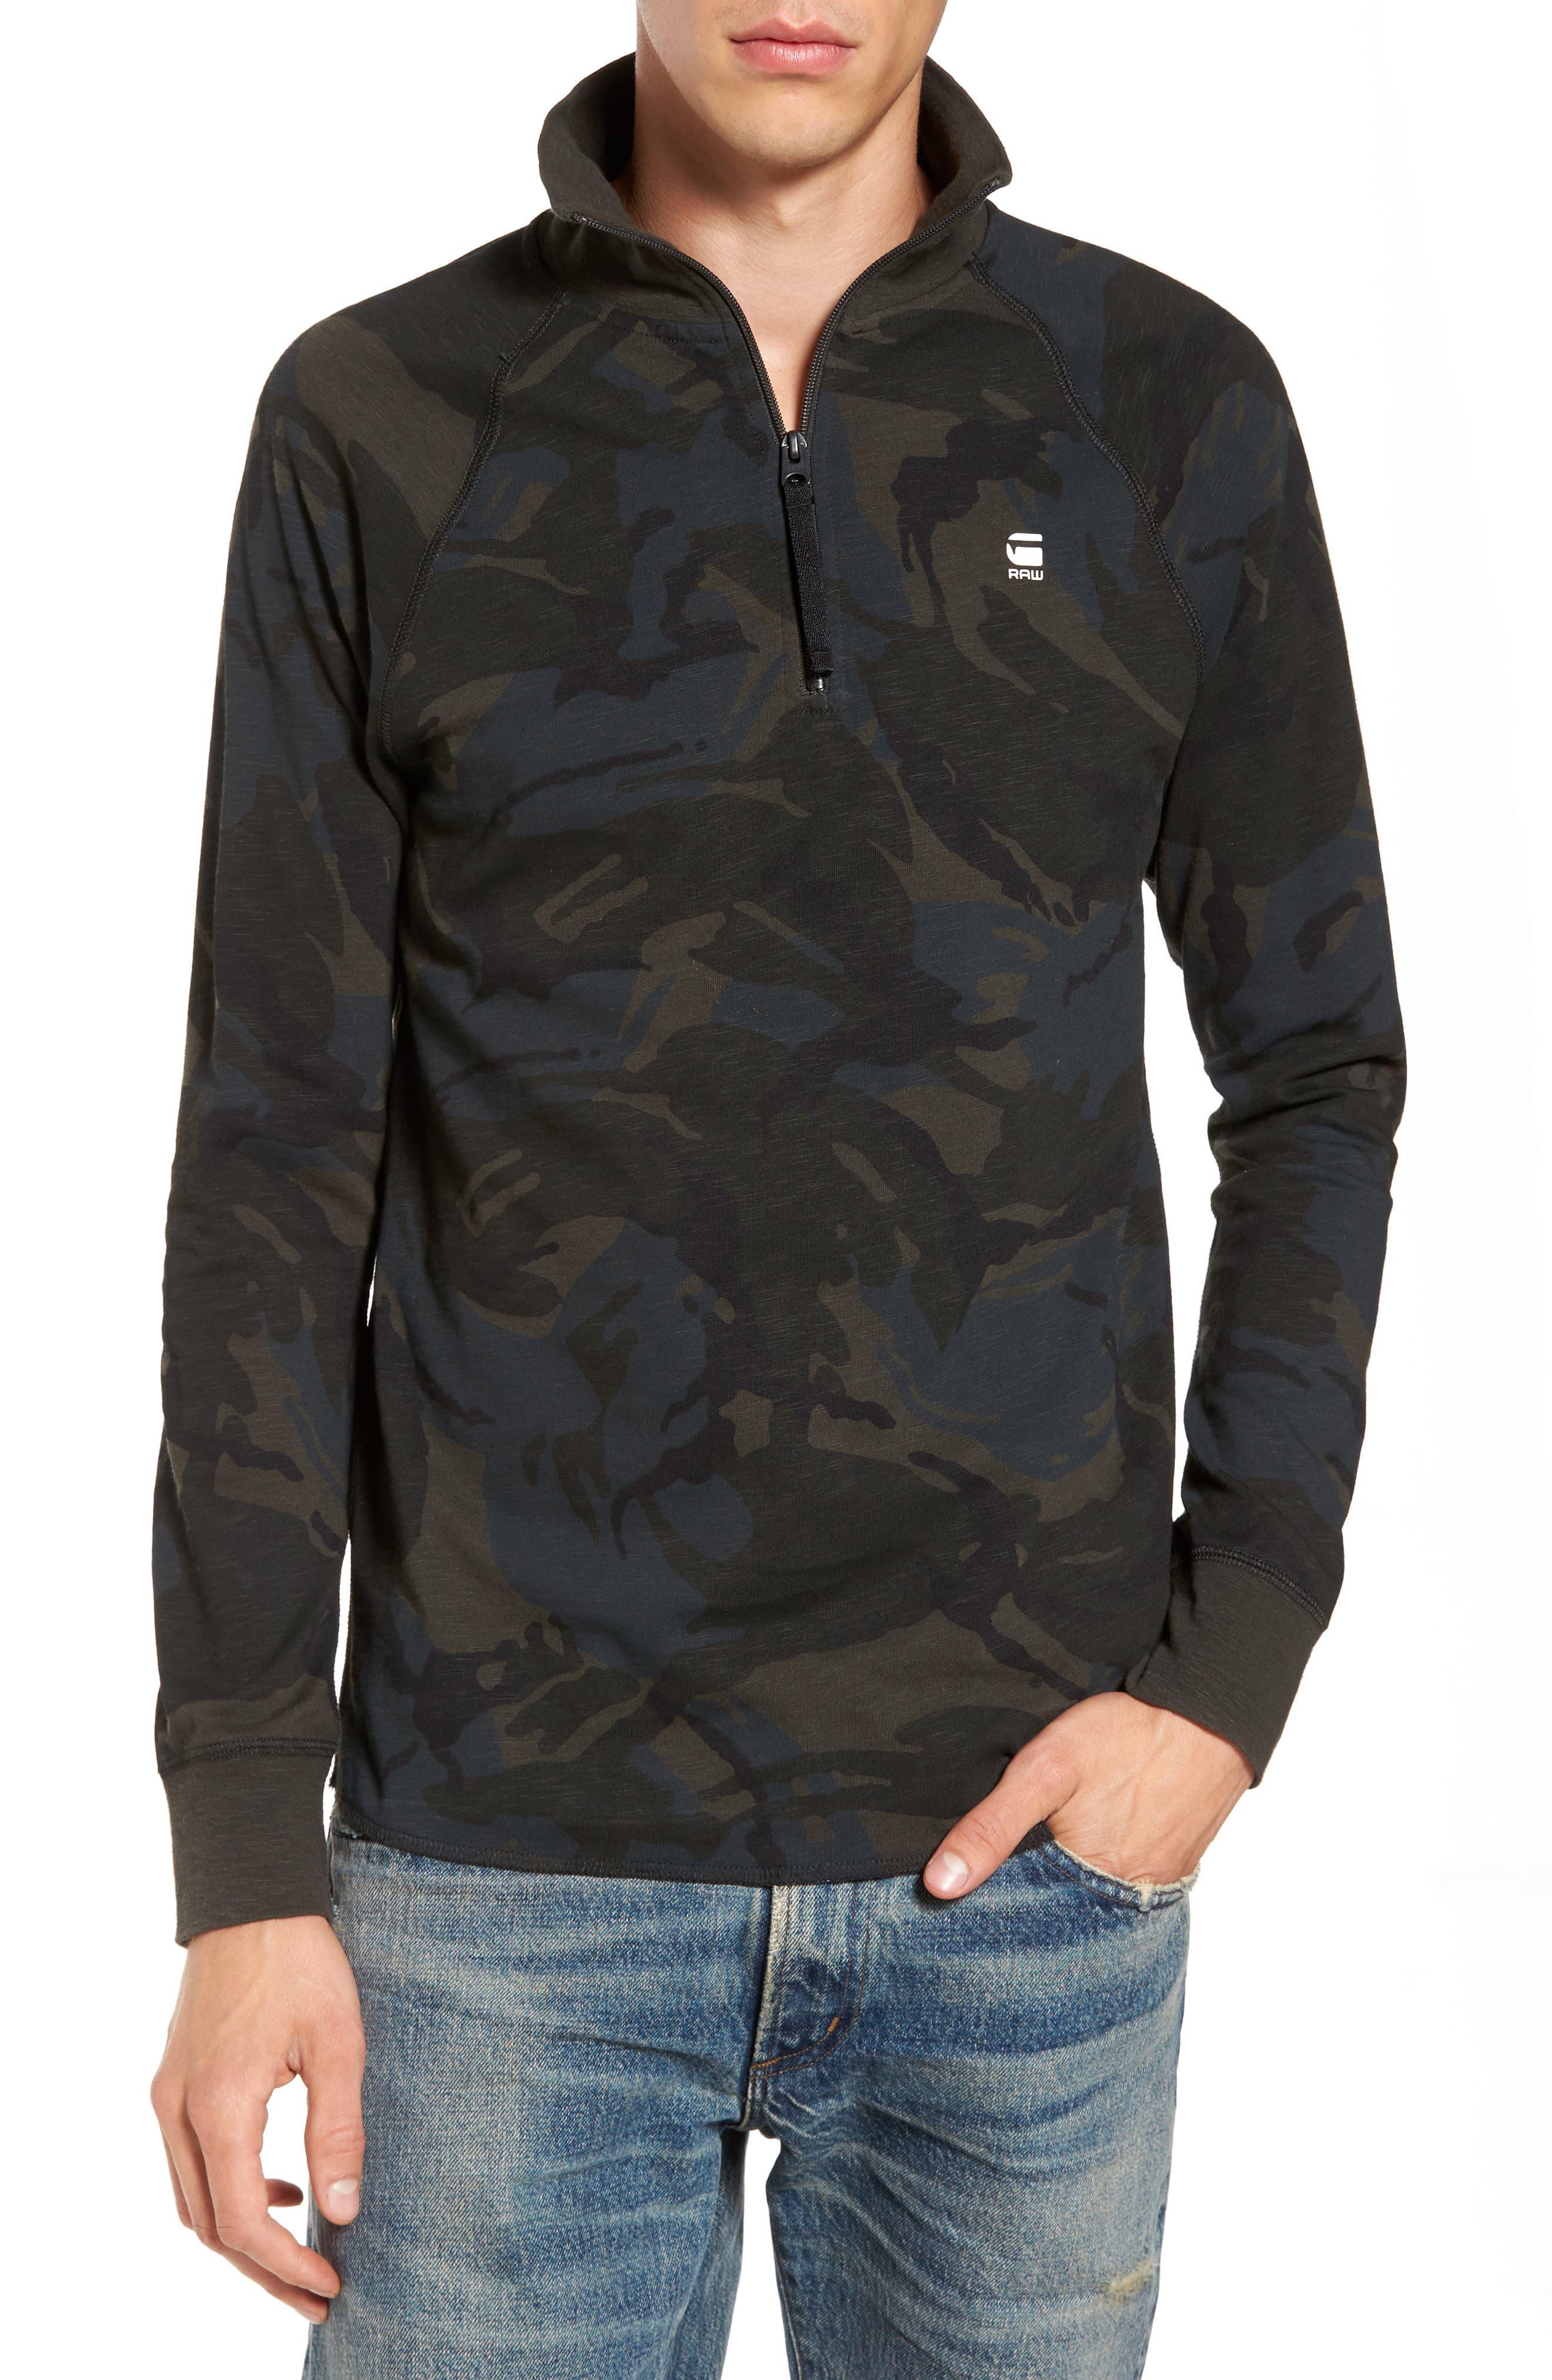 Jirgi Quarter Zip Jacket,                         Main,                         color, 300